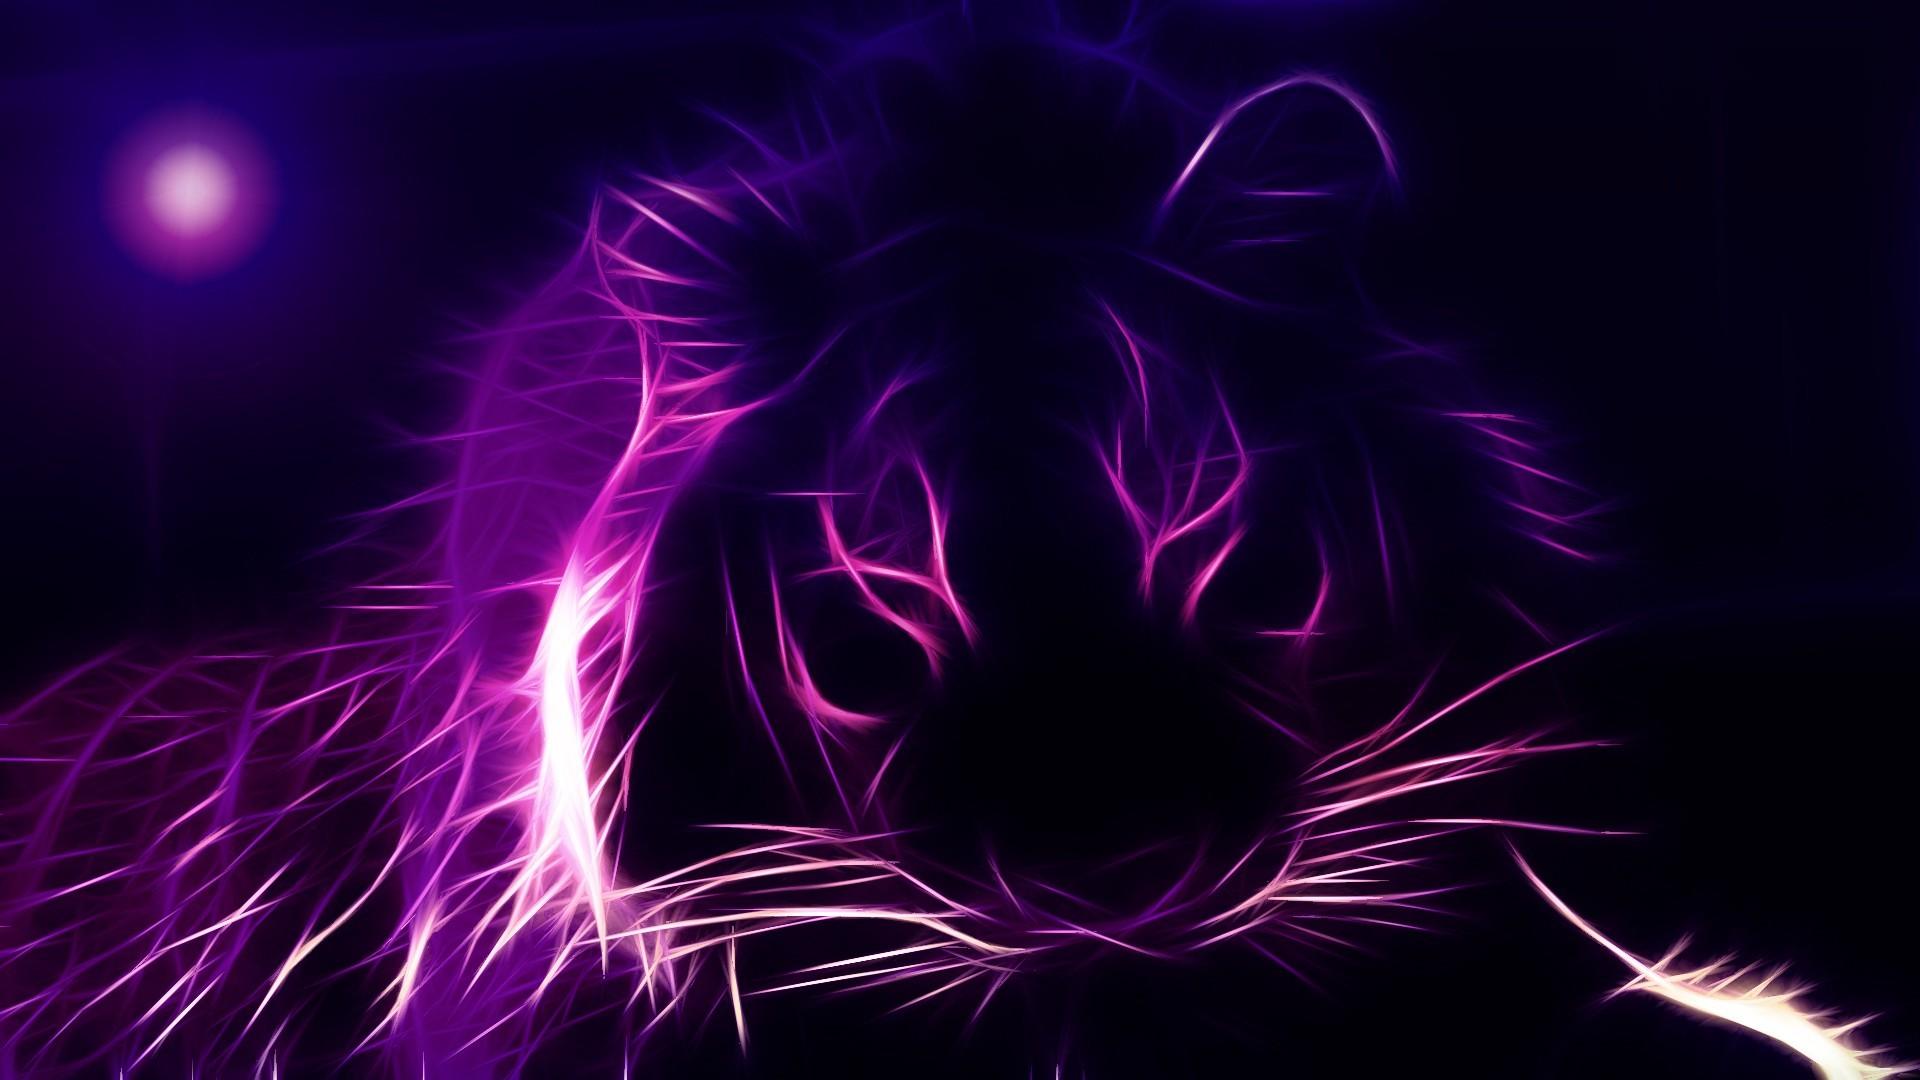 Purple wallpaper 12